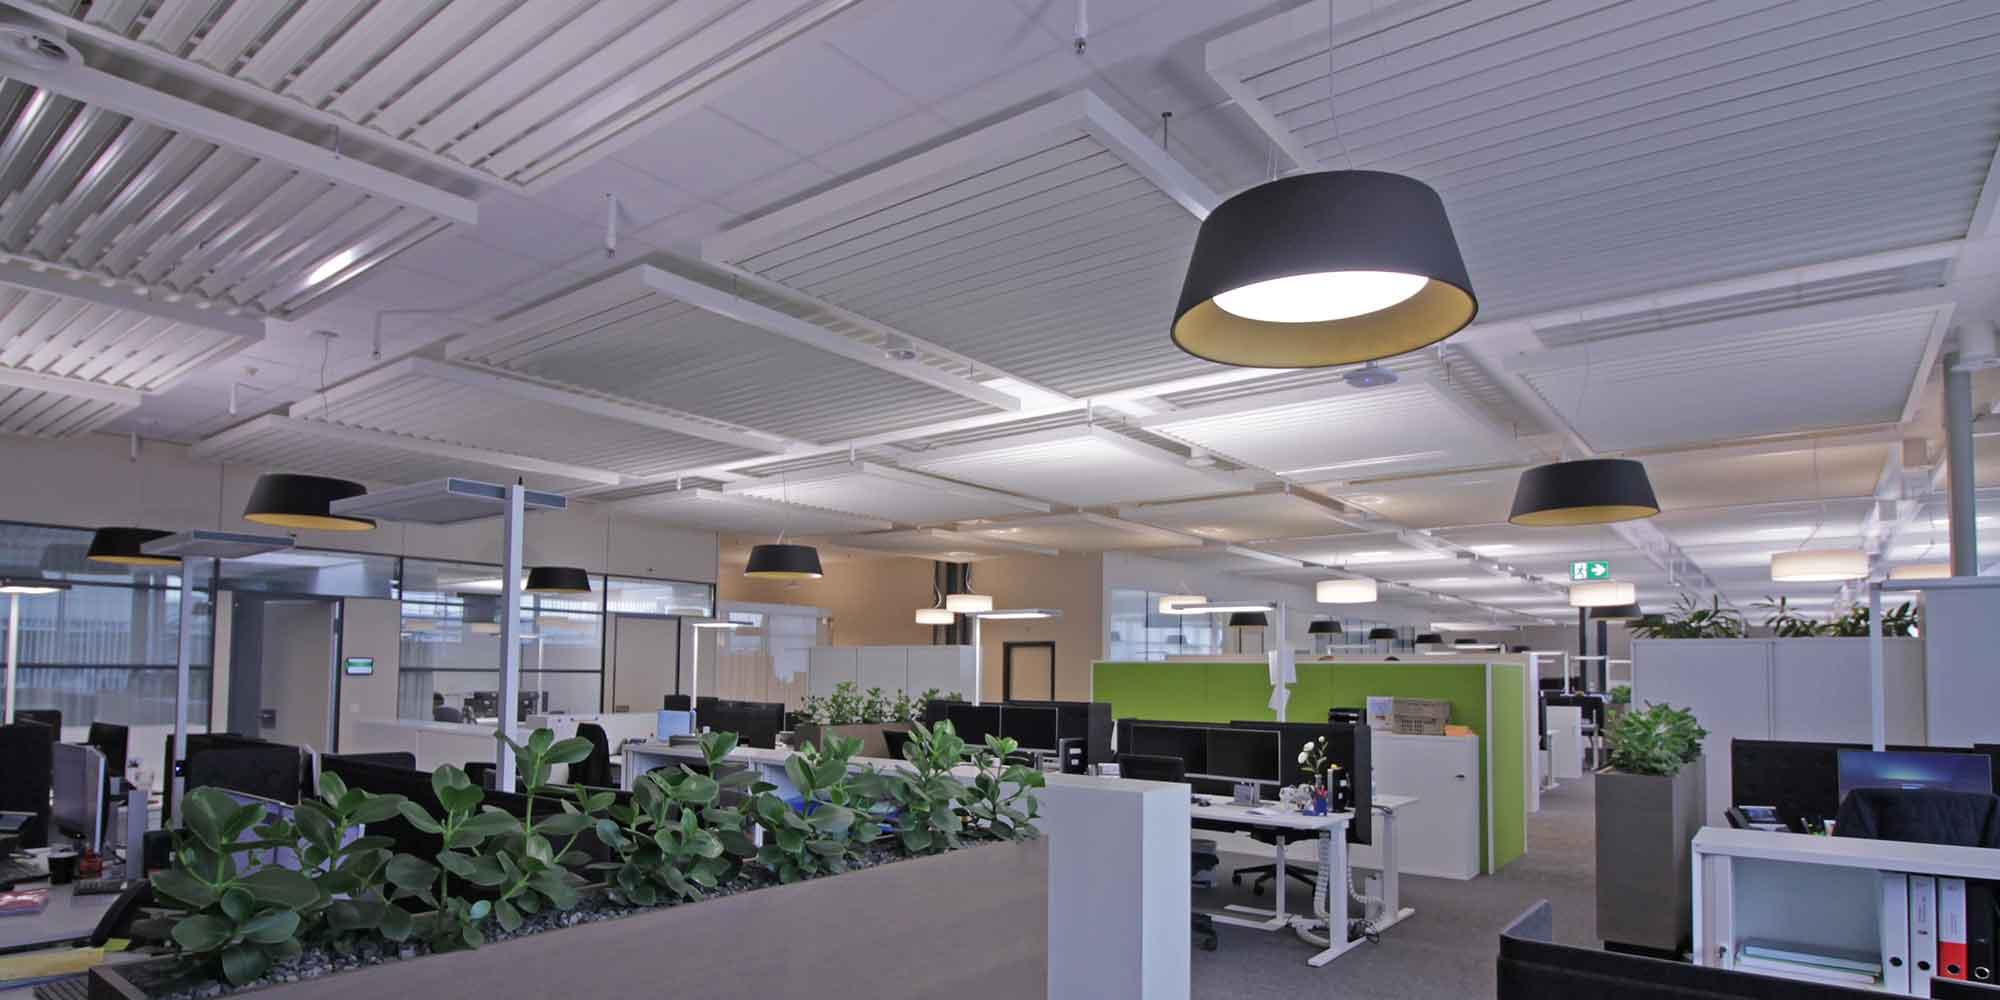 Das Grossraum Büro in Schönbühl mit den architektonischen schönen Leuchten Beam me up von Lightnet. passend dazu die auf wunsch gefertigte Textilpendelleuchten geben eine wohnliche Atmosphäre